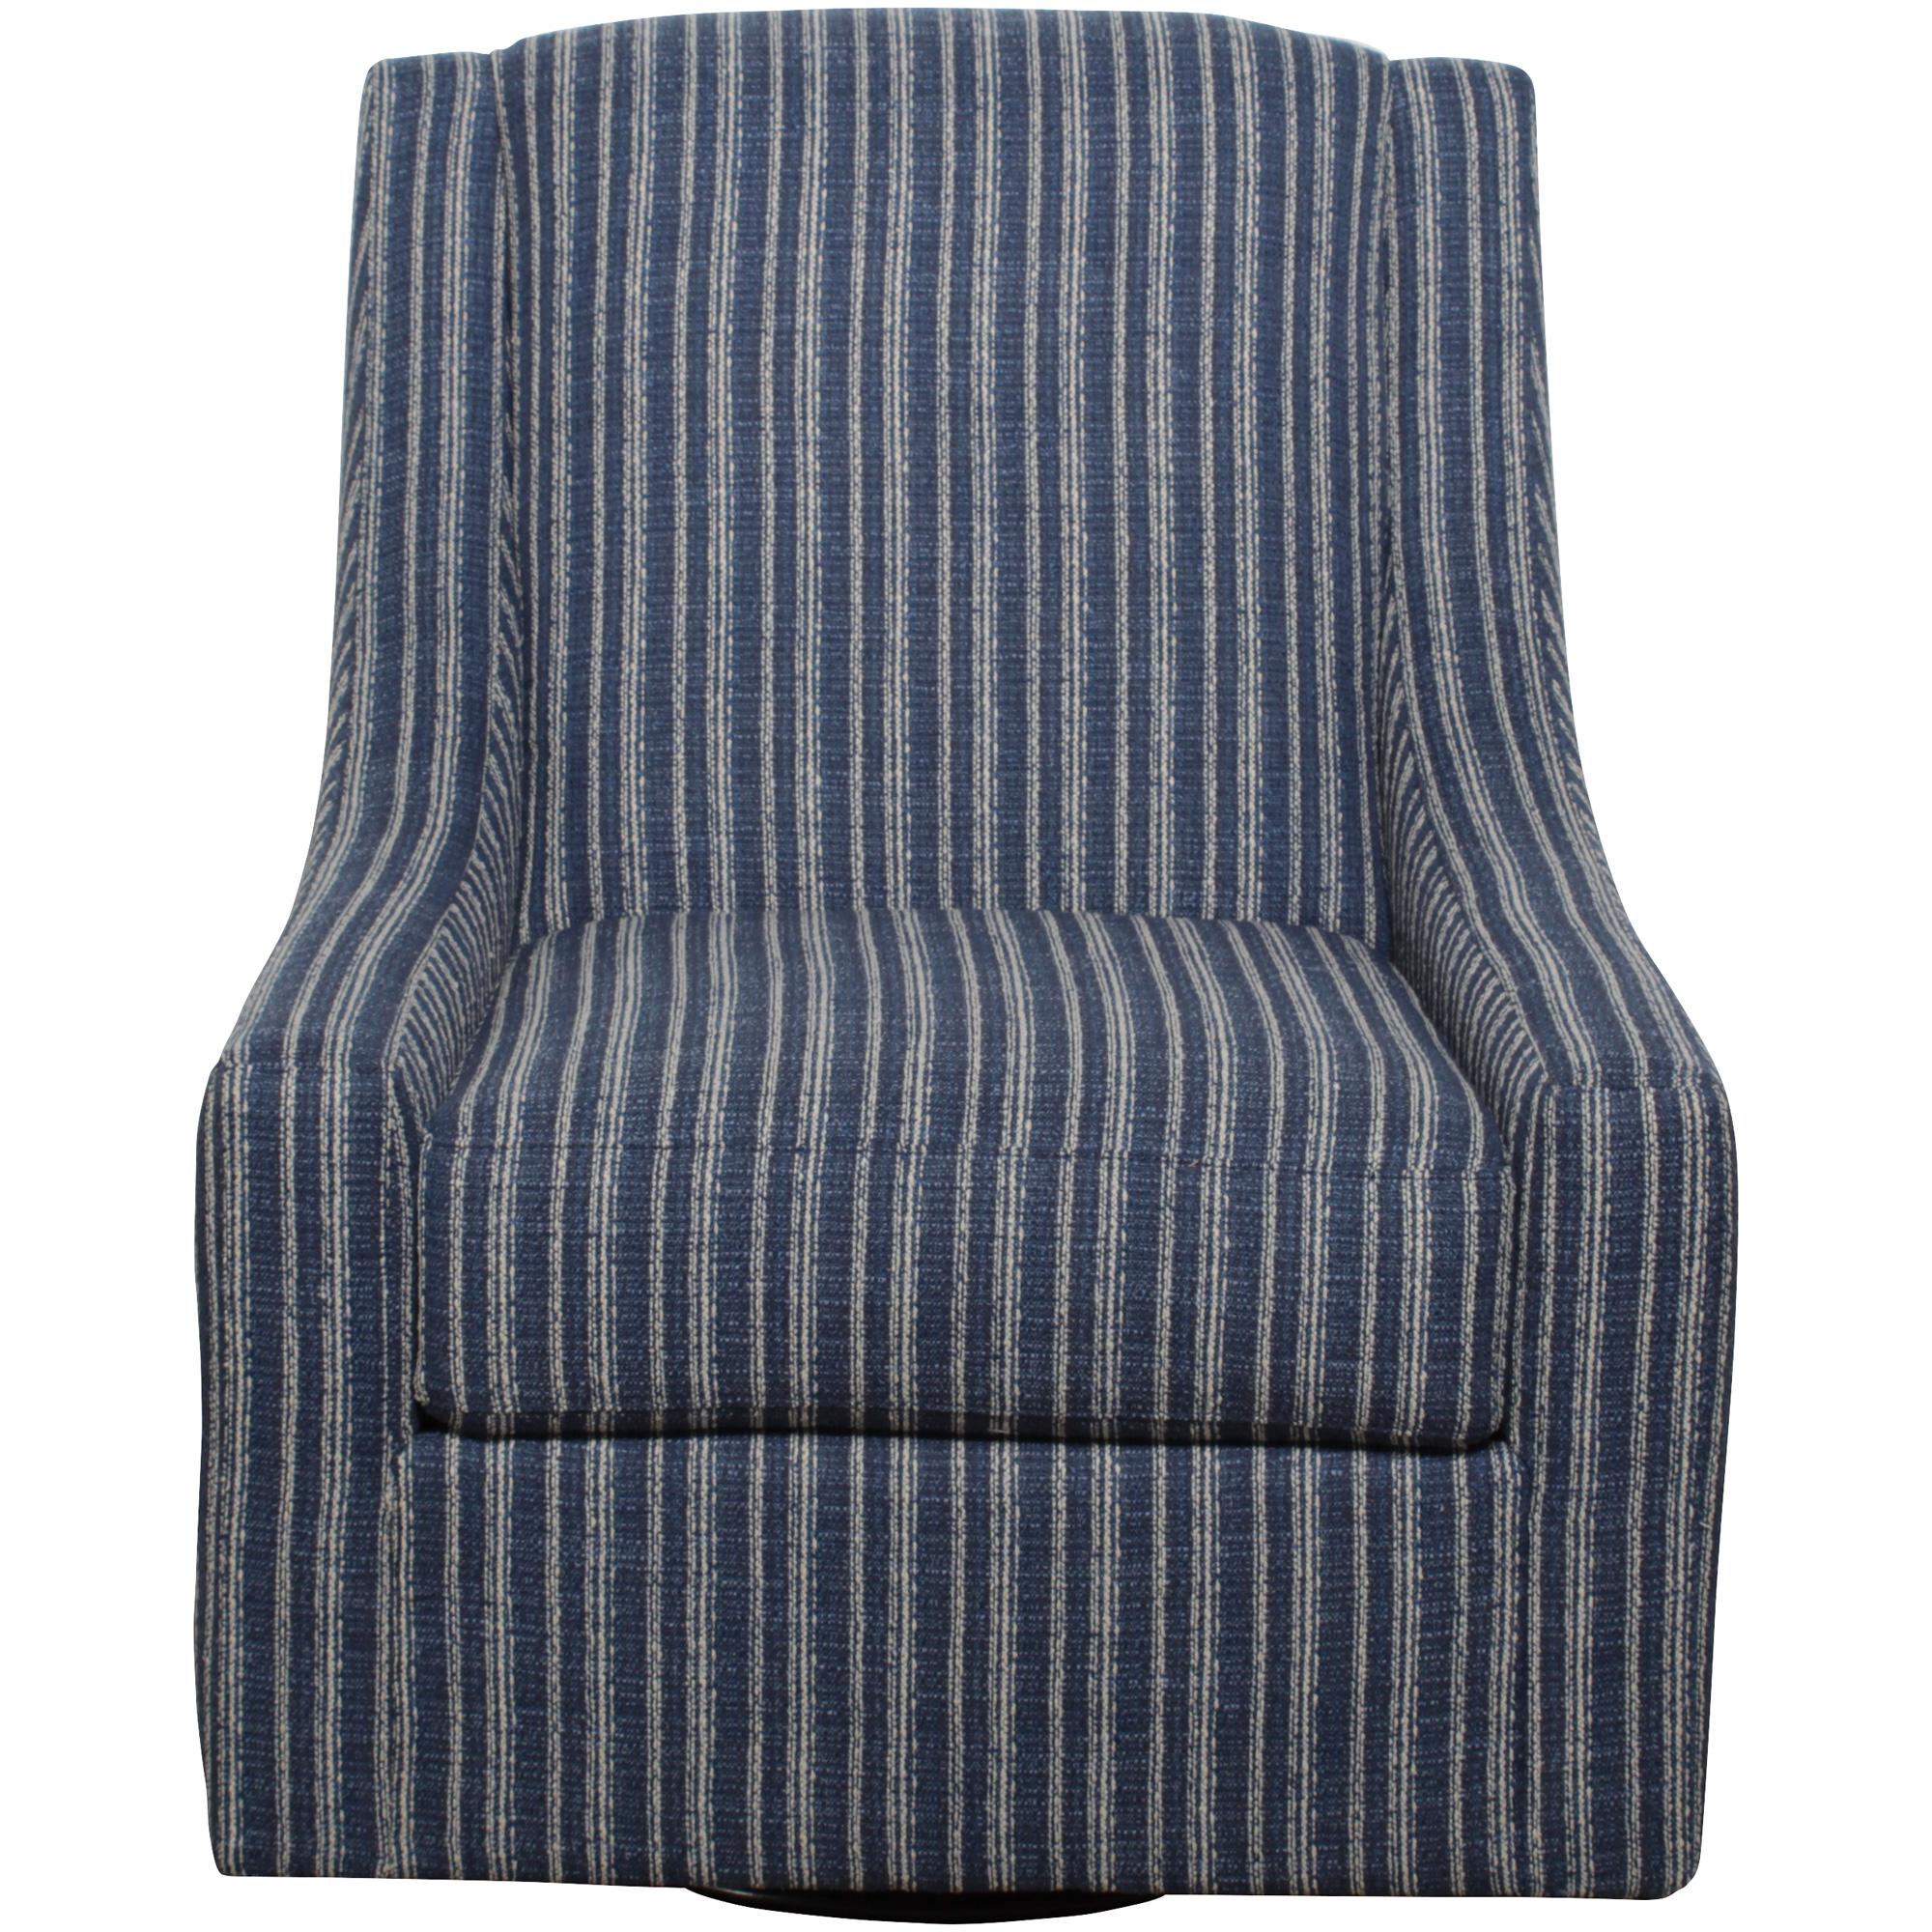 Bauhaus Furniture   Maren Blue Swivel Accent Chair